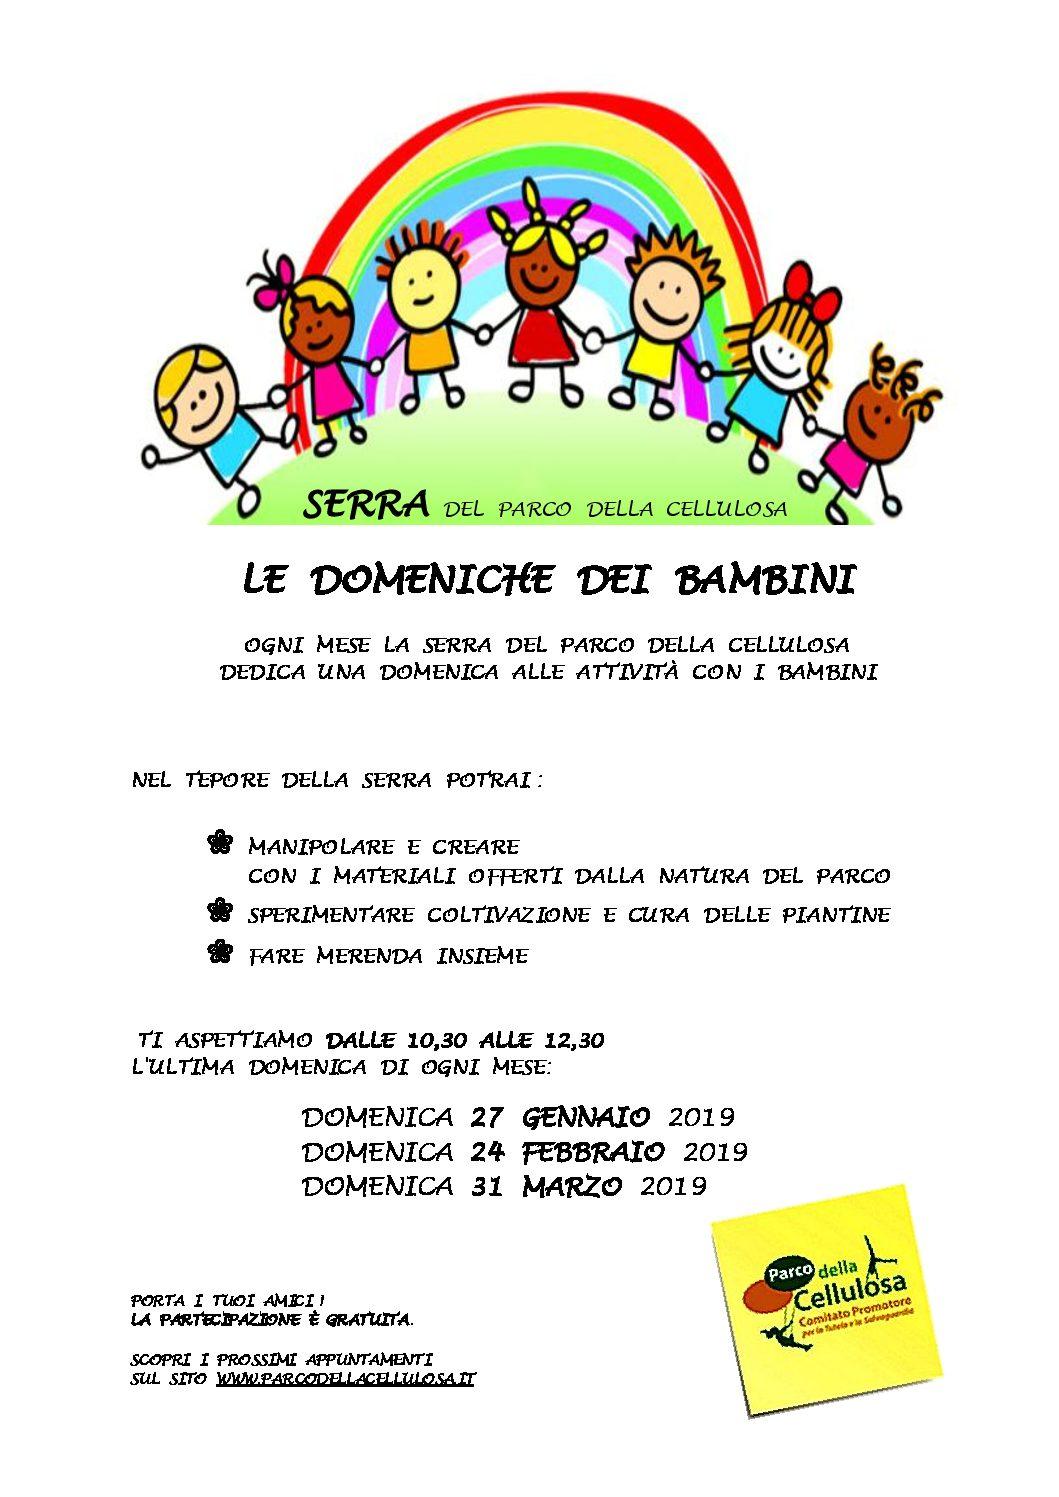 LE DOMENICHE DEI BAMBINI nella Serra del Parco: 27 Gennaio, 24 Febbraio, 31 Marzo